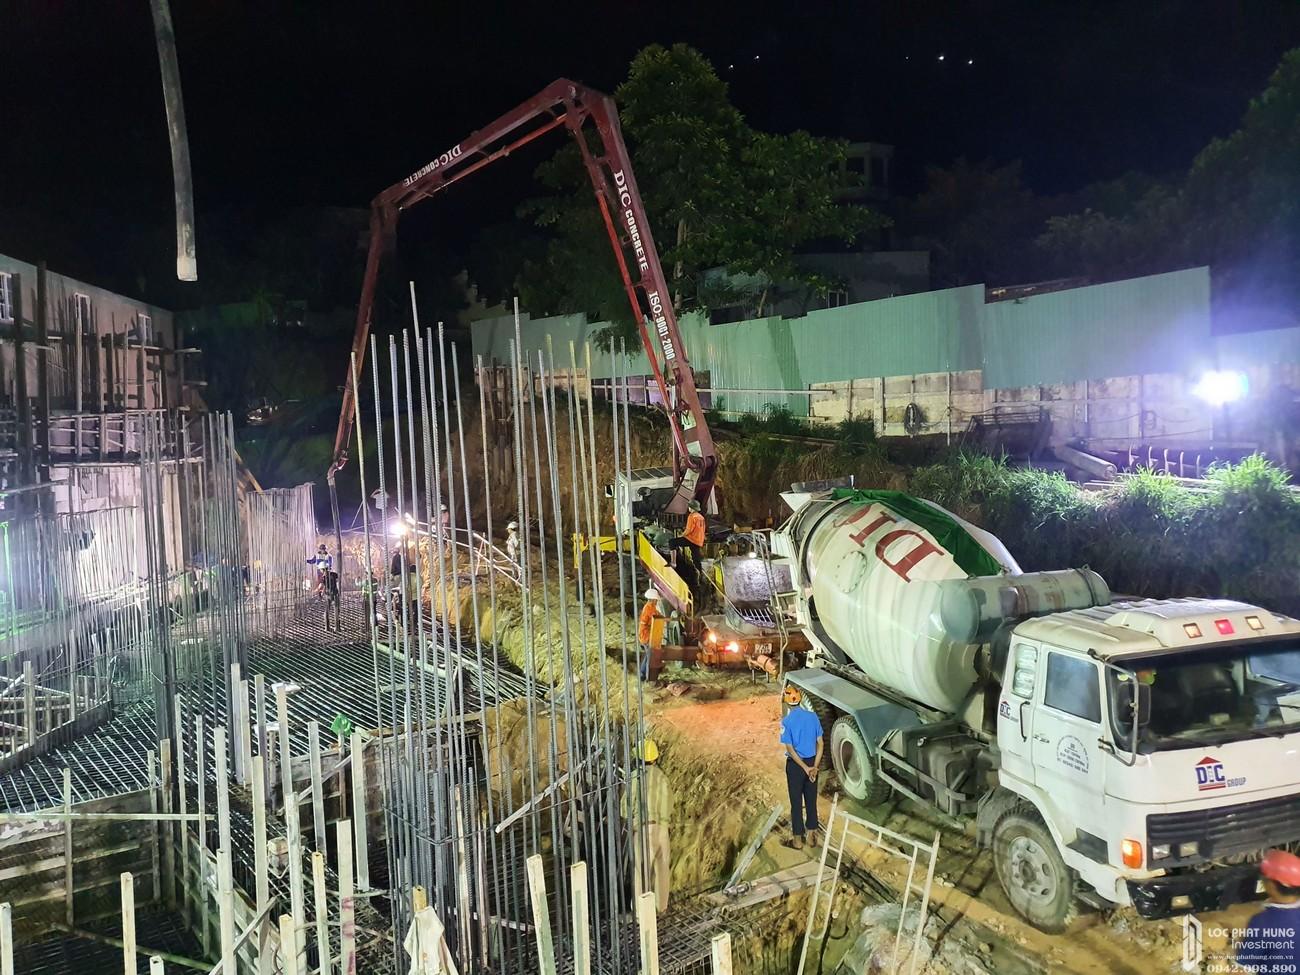 Tiến độ dự án căn hộ Condotel Oyster Gành Hào đường Trần Phú chủ đầu tư Vietpearl Group tháng 11/2019